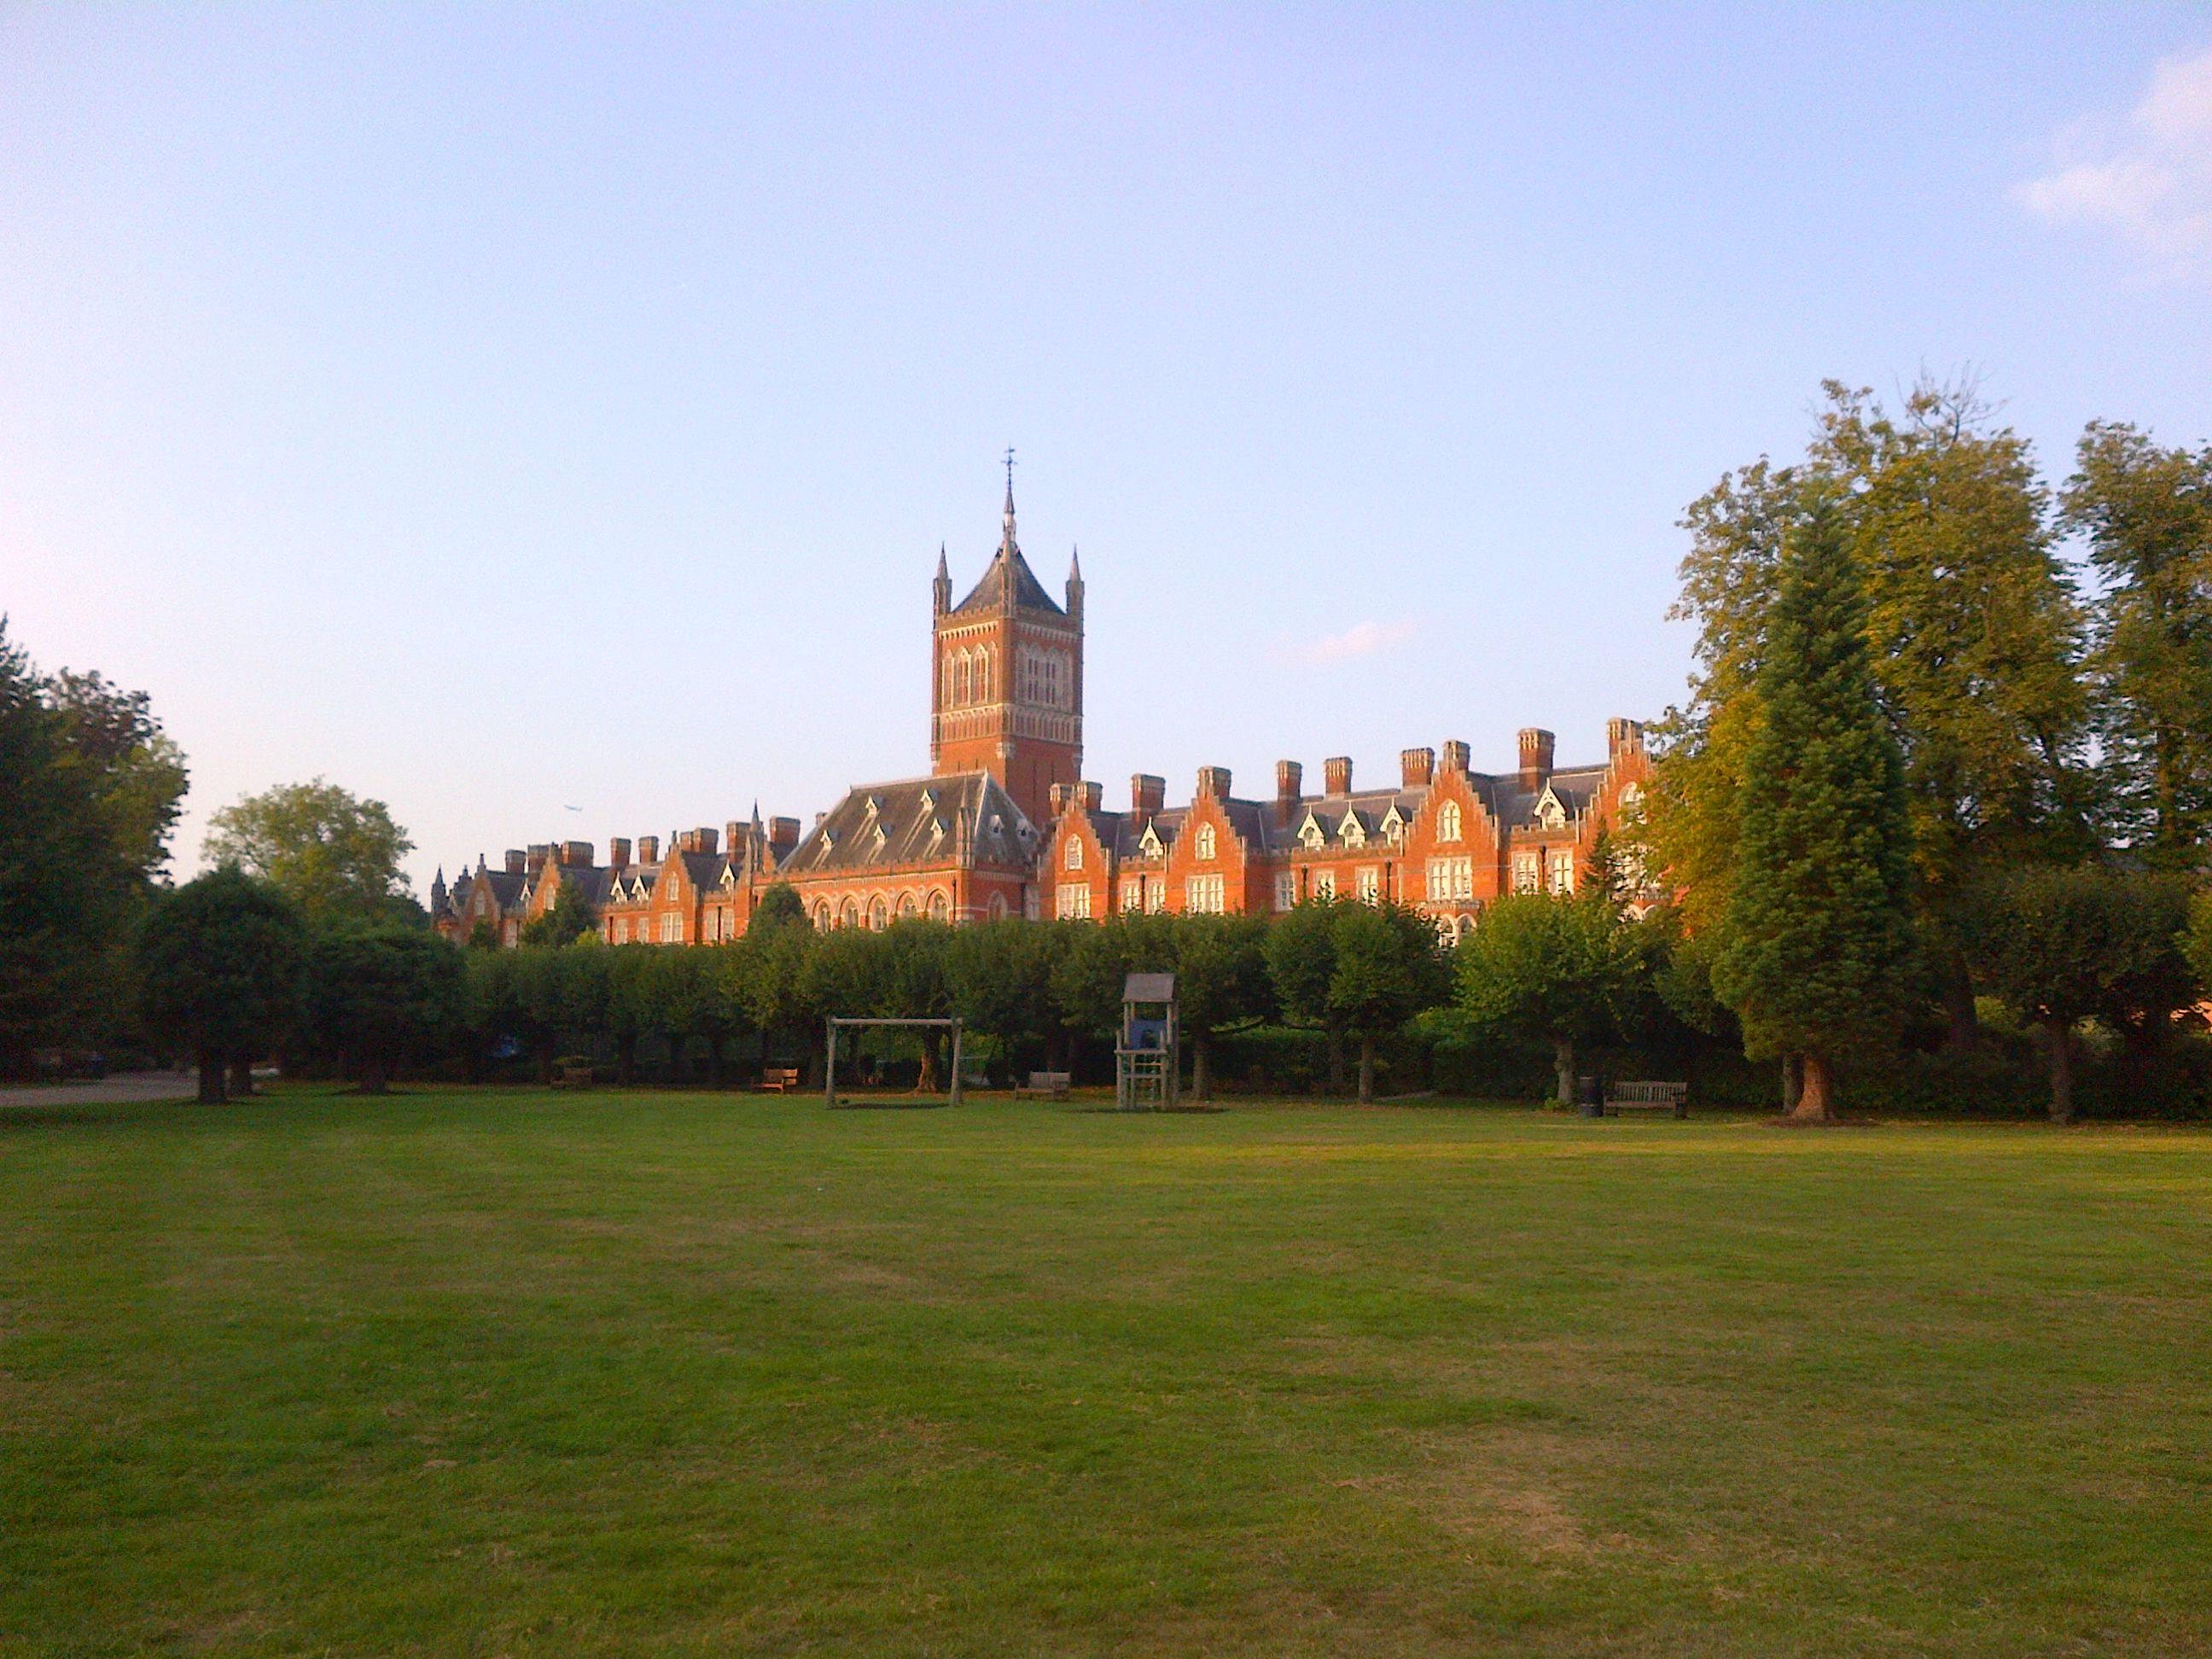 Foto 14c. Kastil kembaran Royal Holloway yang ada di Virginia Water. sekarang sudah menjadi perumahan.